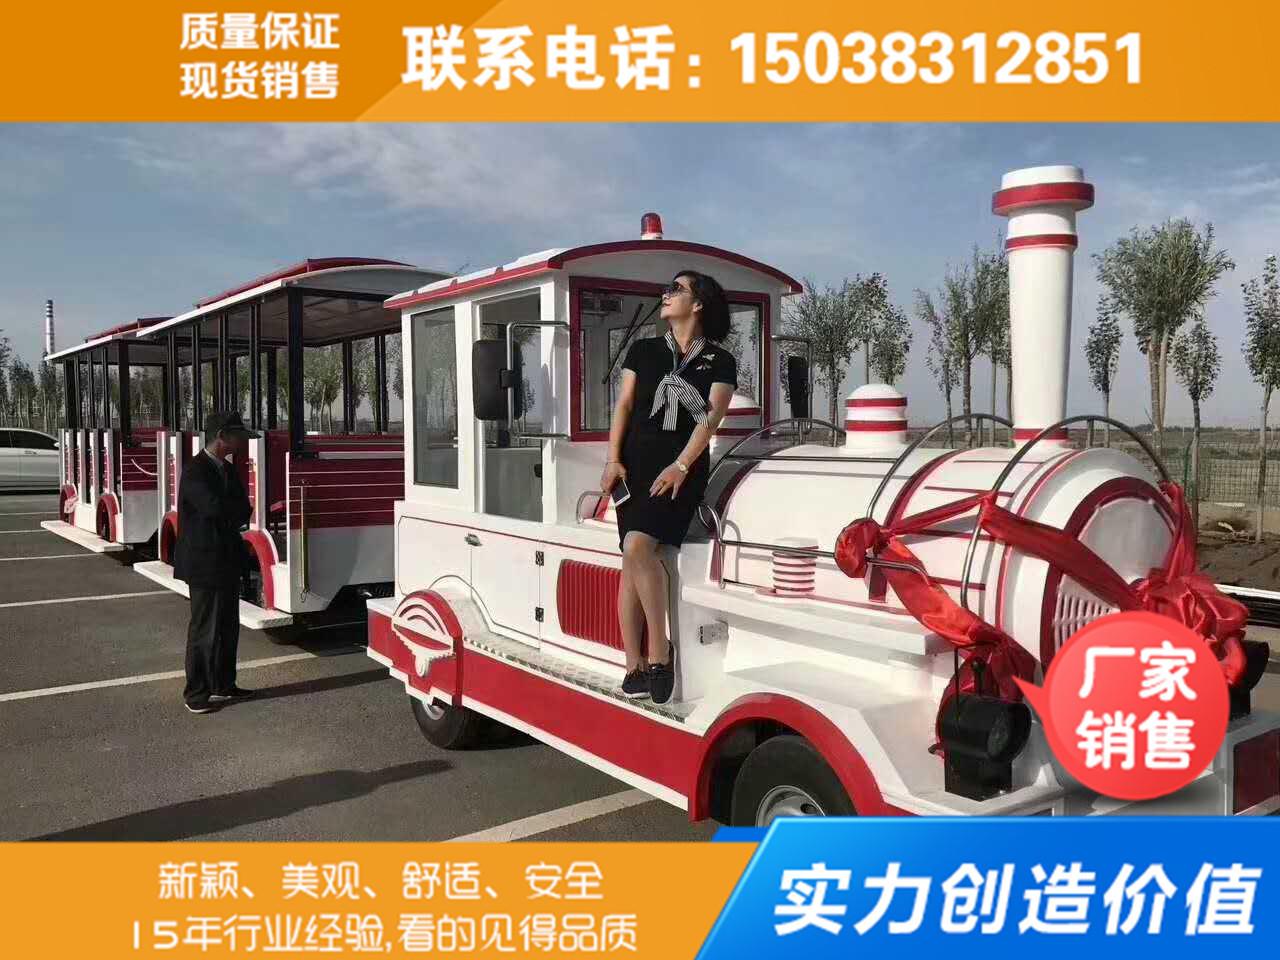 蒸汽火车观光小火车 蒸汽火车观光小火车价格 蒸汽火车观光小火车